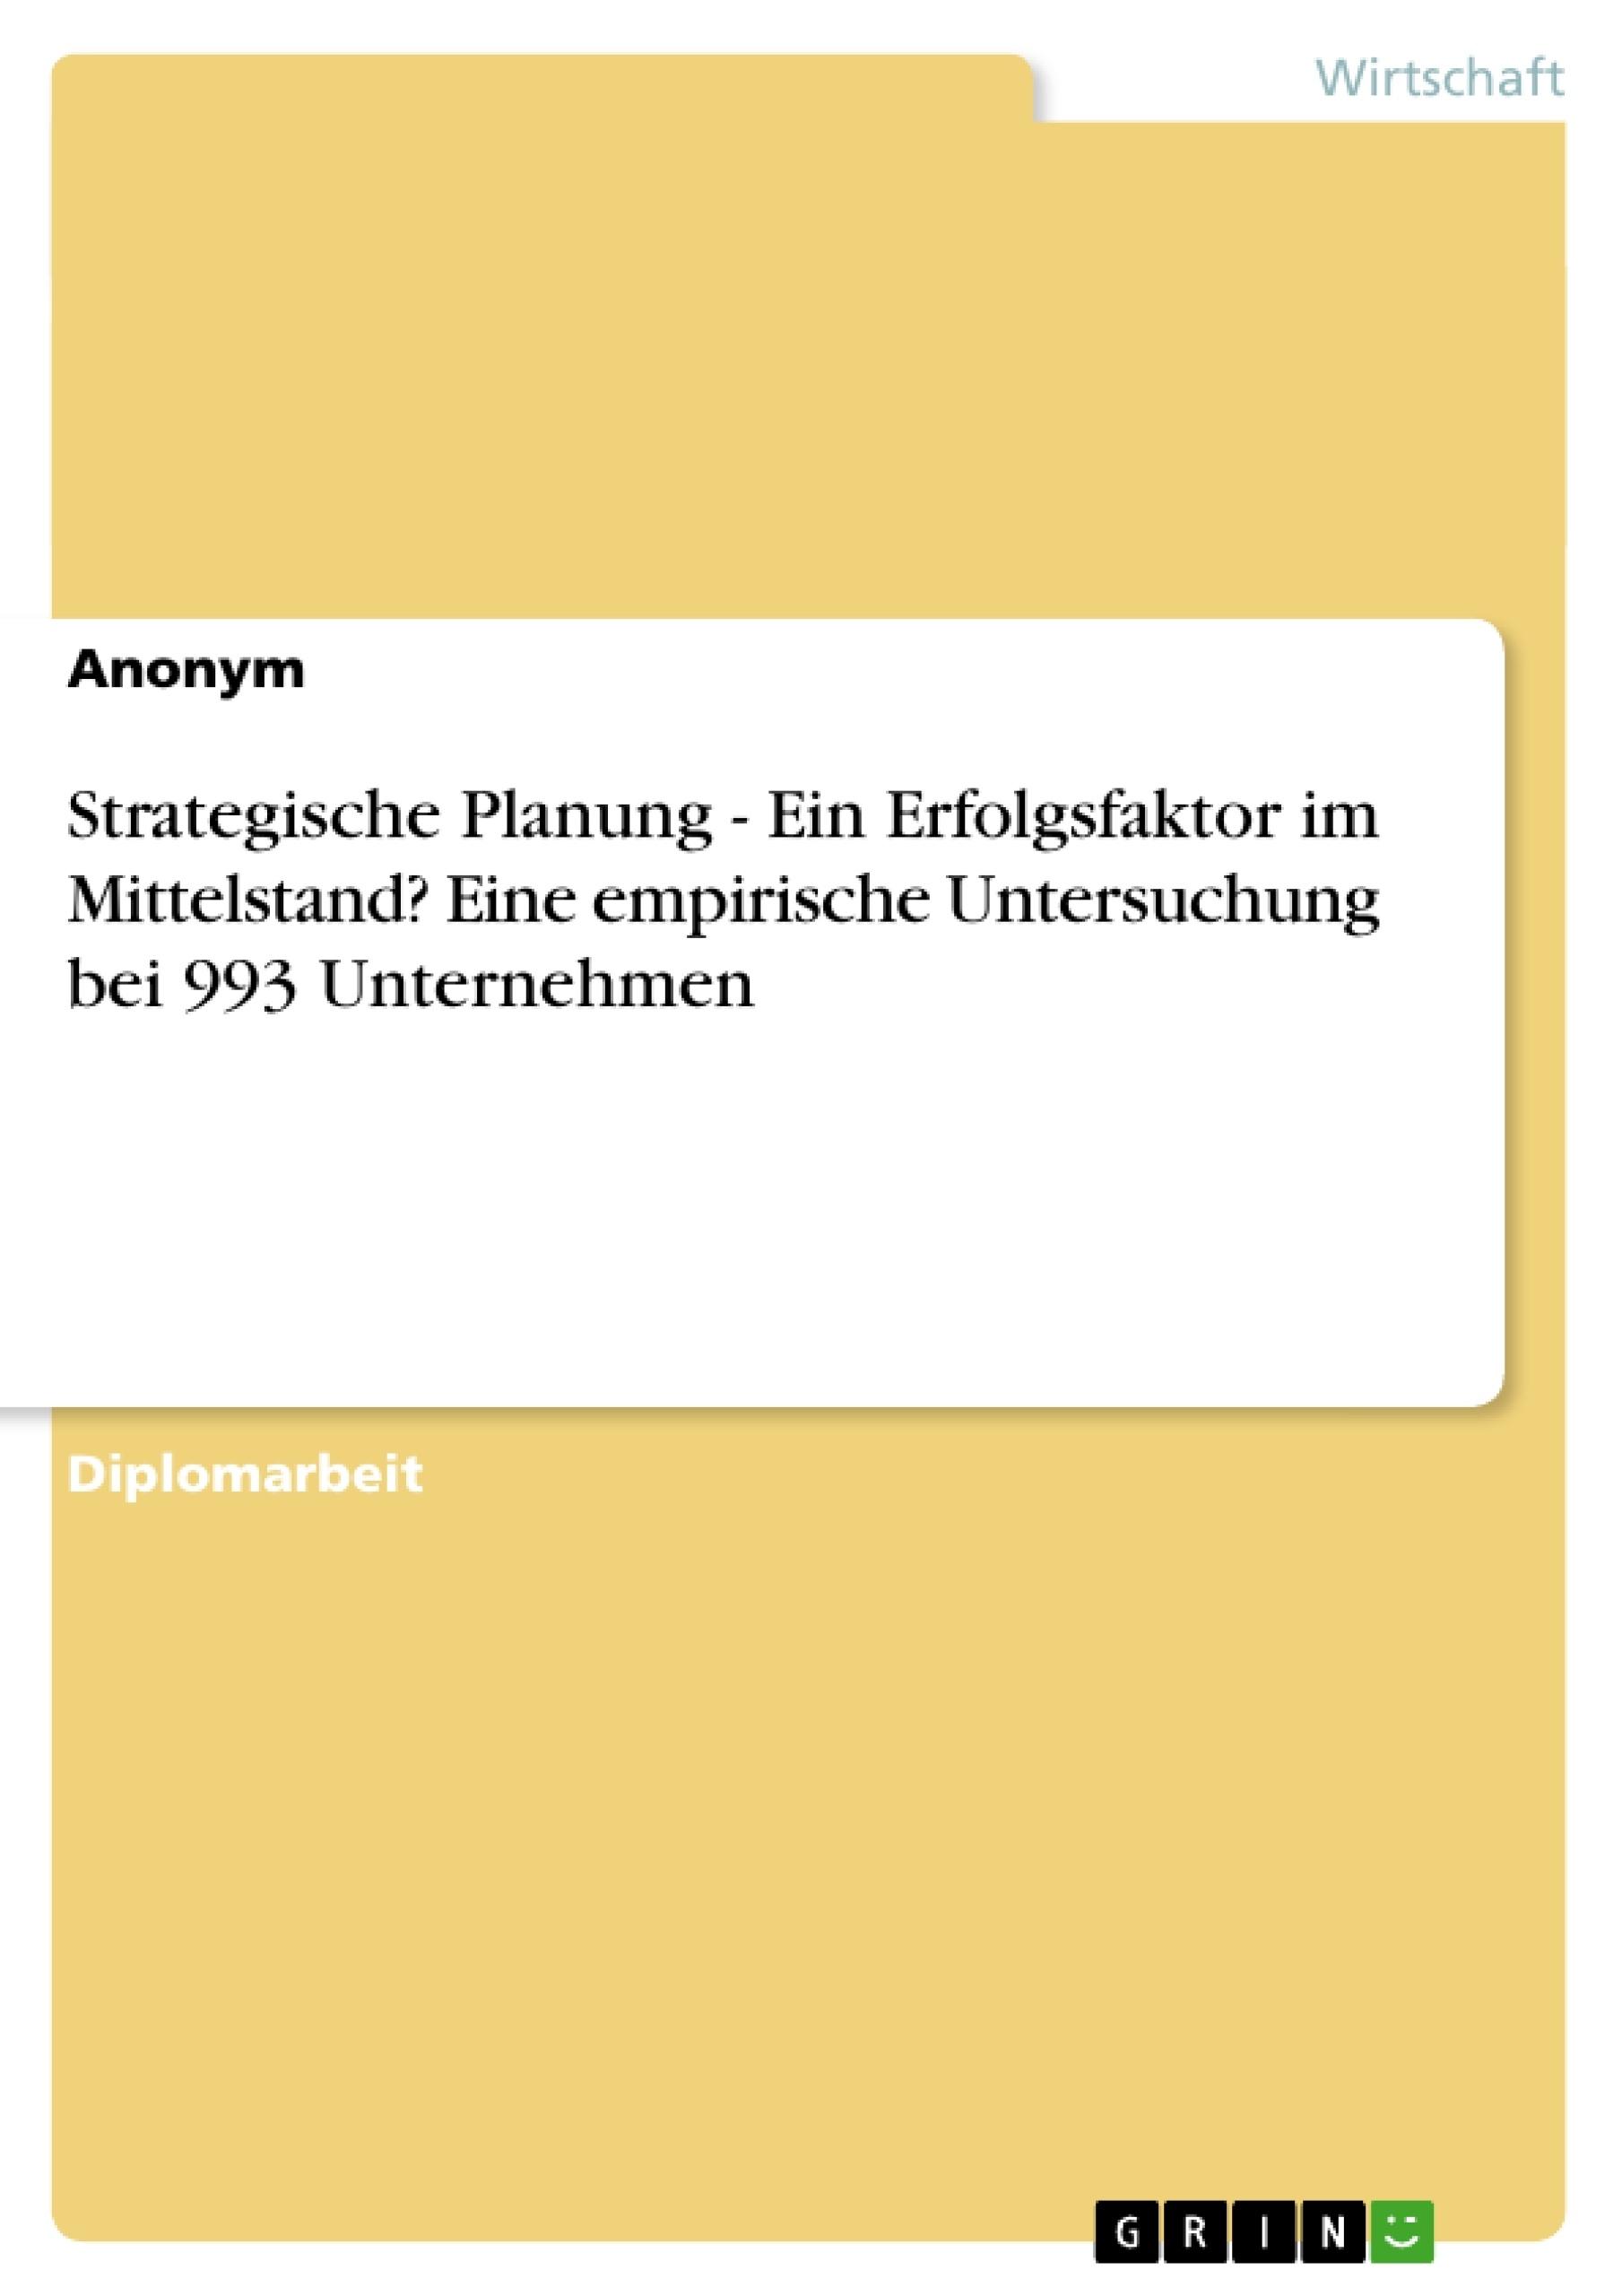 Titel: Strategische Planung als Erfolgsfaktor im Mittelstand? Eine empirische Untersuchung bei 993 Unternehmen